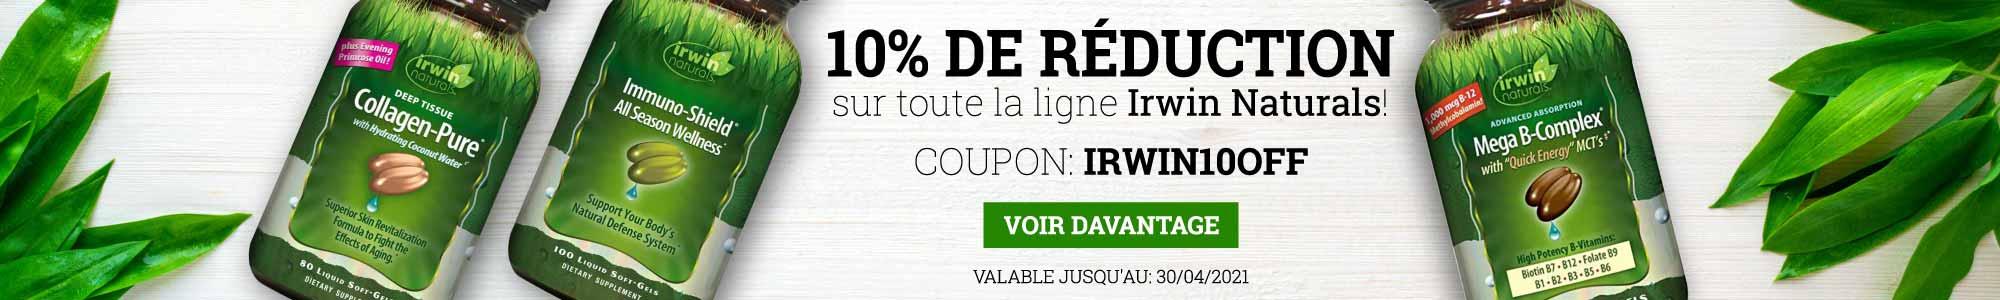 10% de réduction sur toute la ligne Irwin Naturals. Coupon: irwin10off Voir davantage. Valable jusqu'au 30/04/2021.